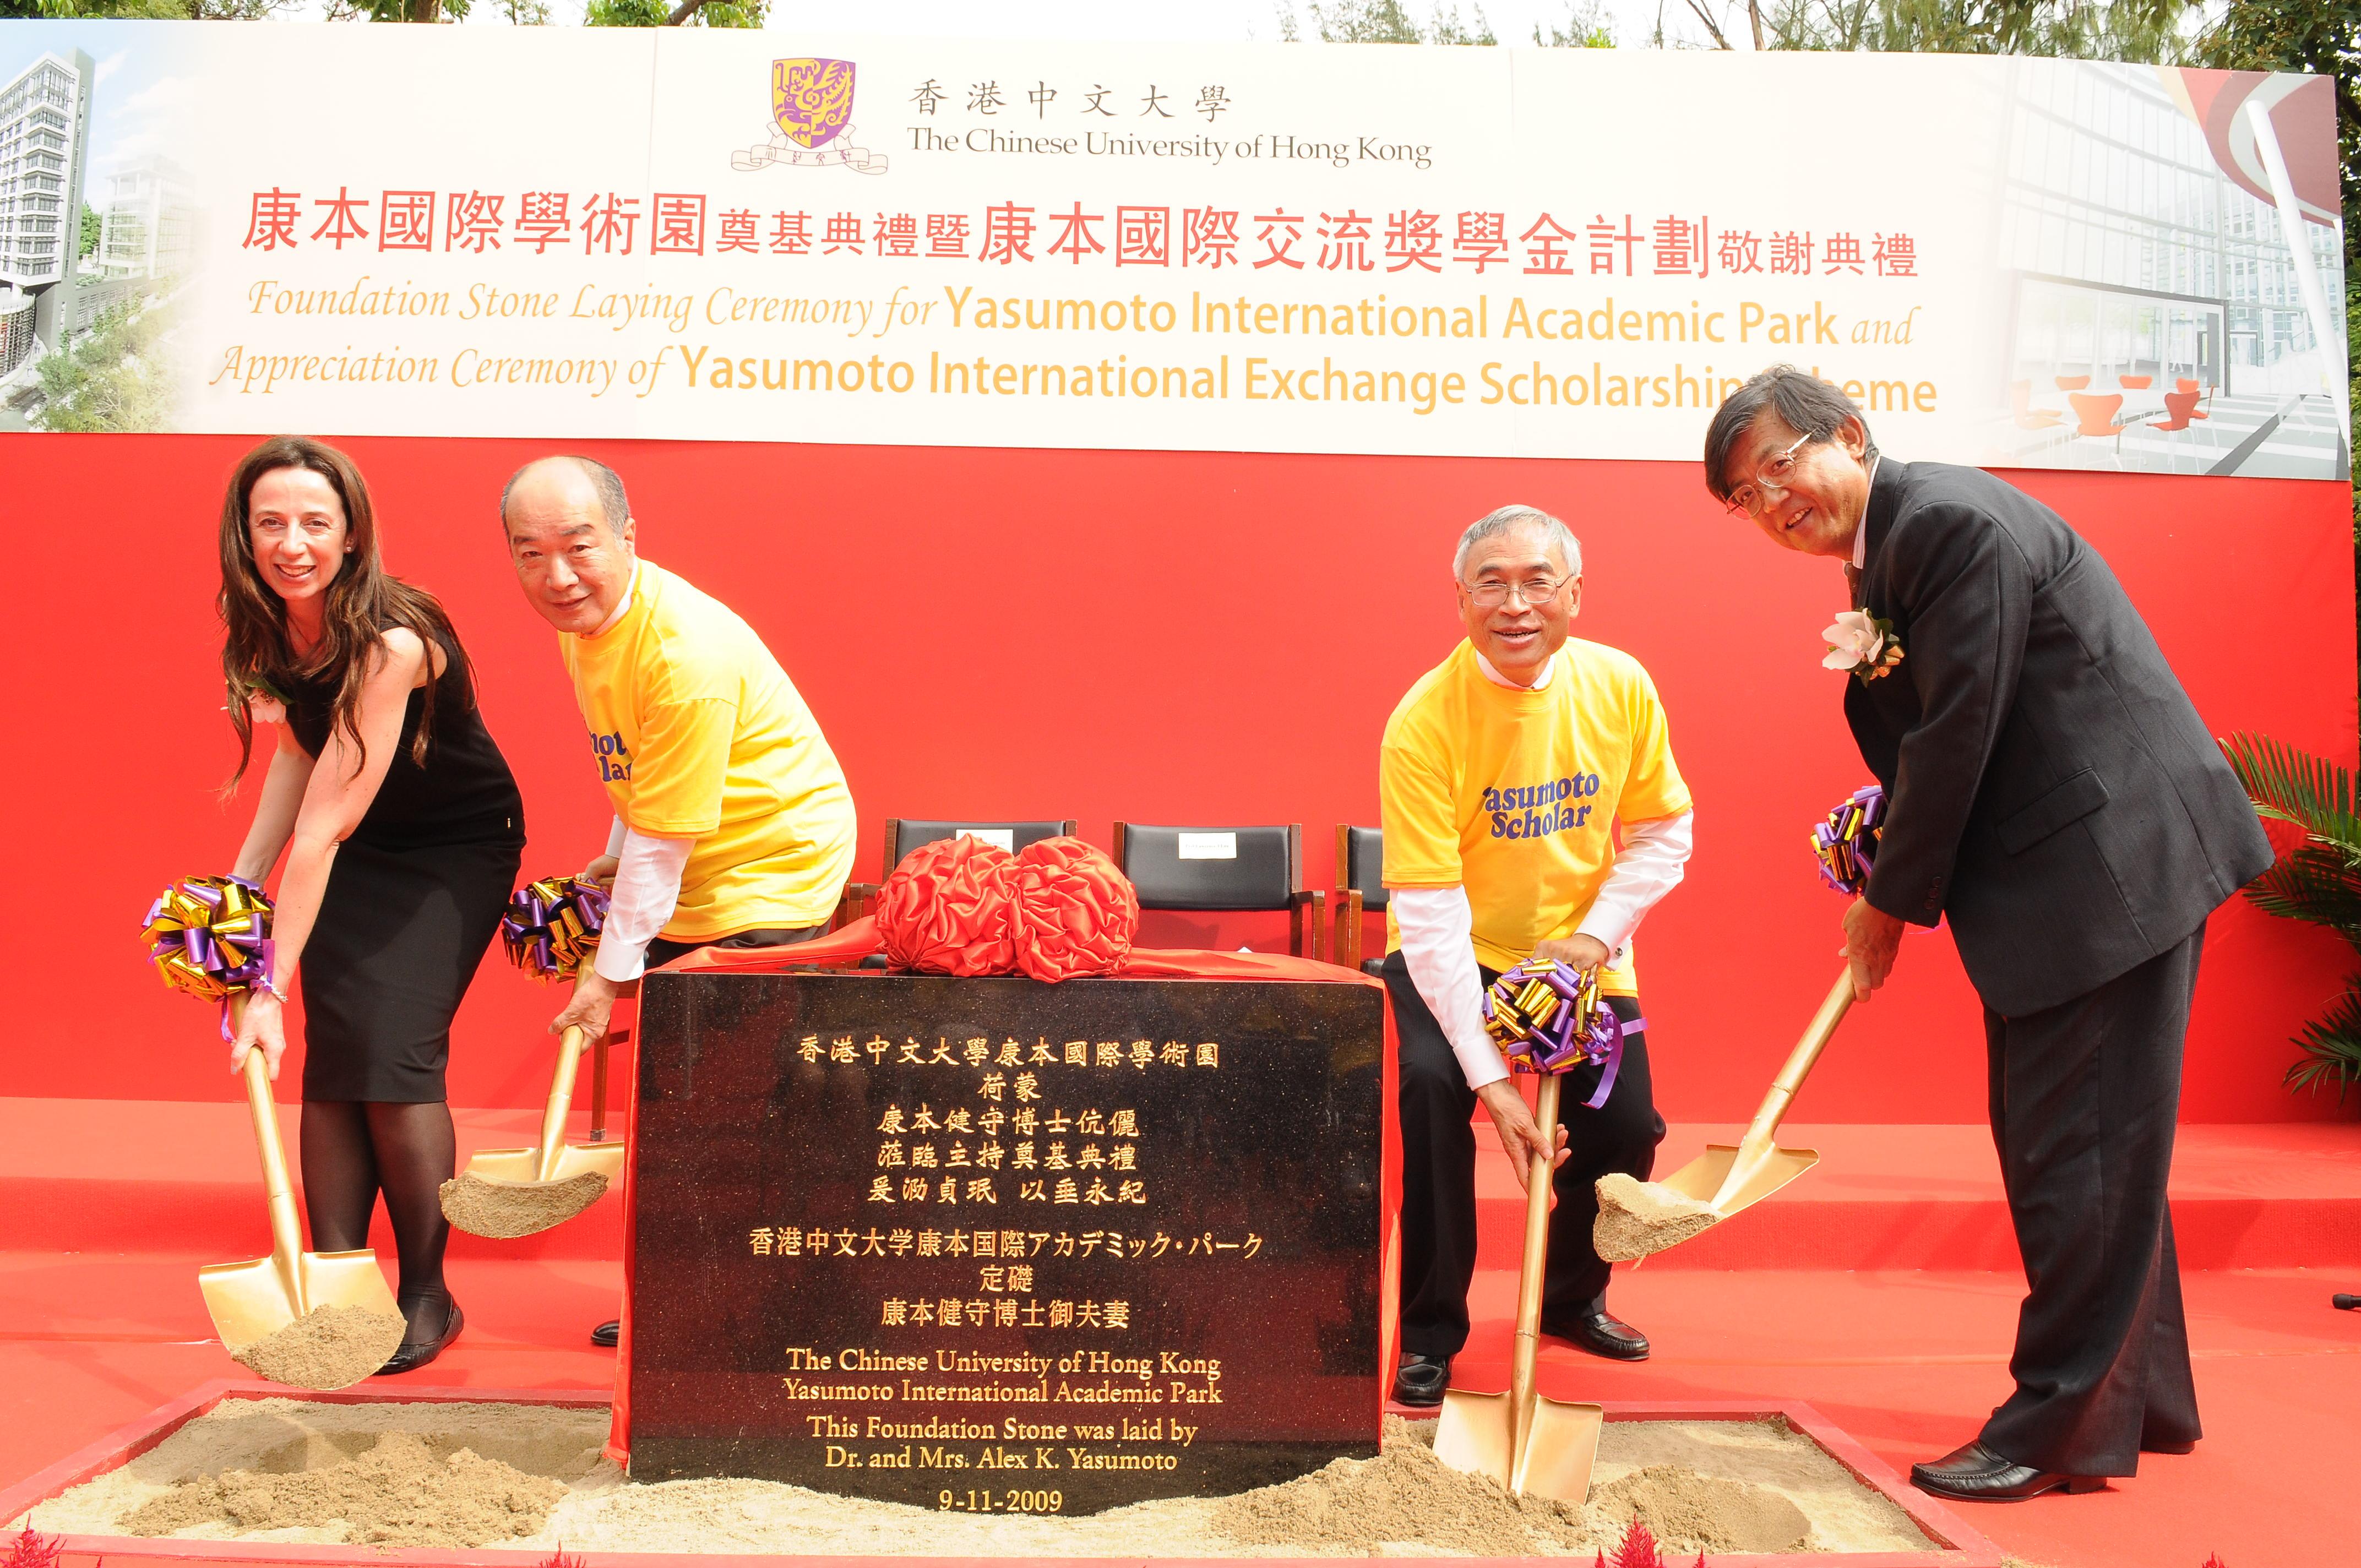 康本国际学术园奠基典礼。右起:日本驻香港总领事佐藤重和先生、中大校长刘遵义教授,以及康本健守博士伉俪